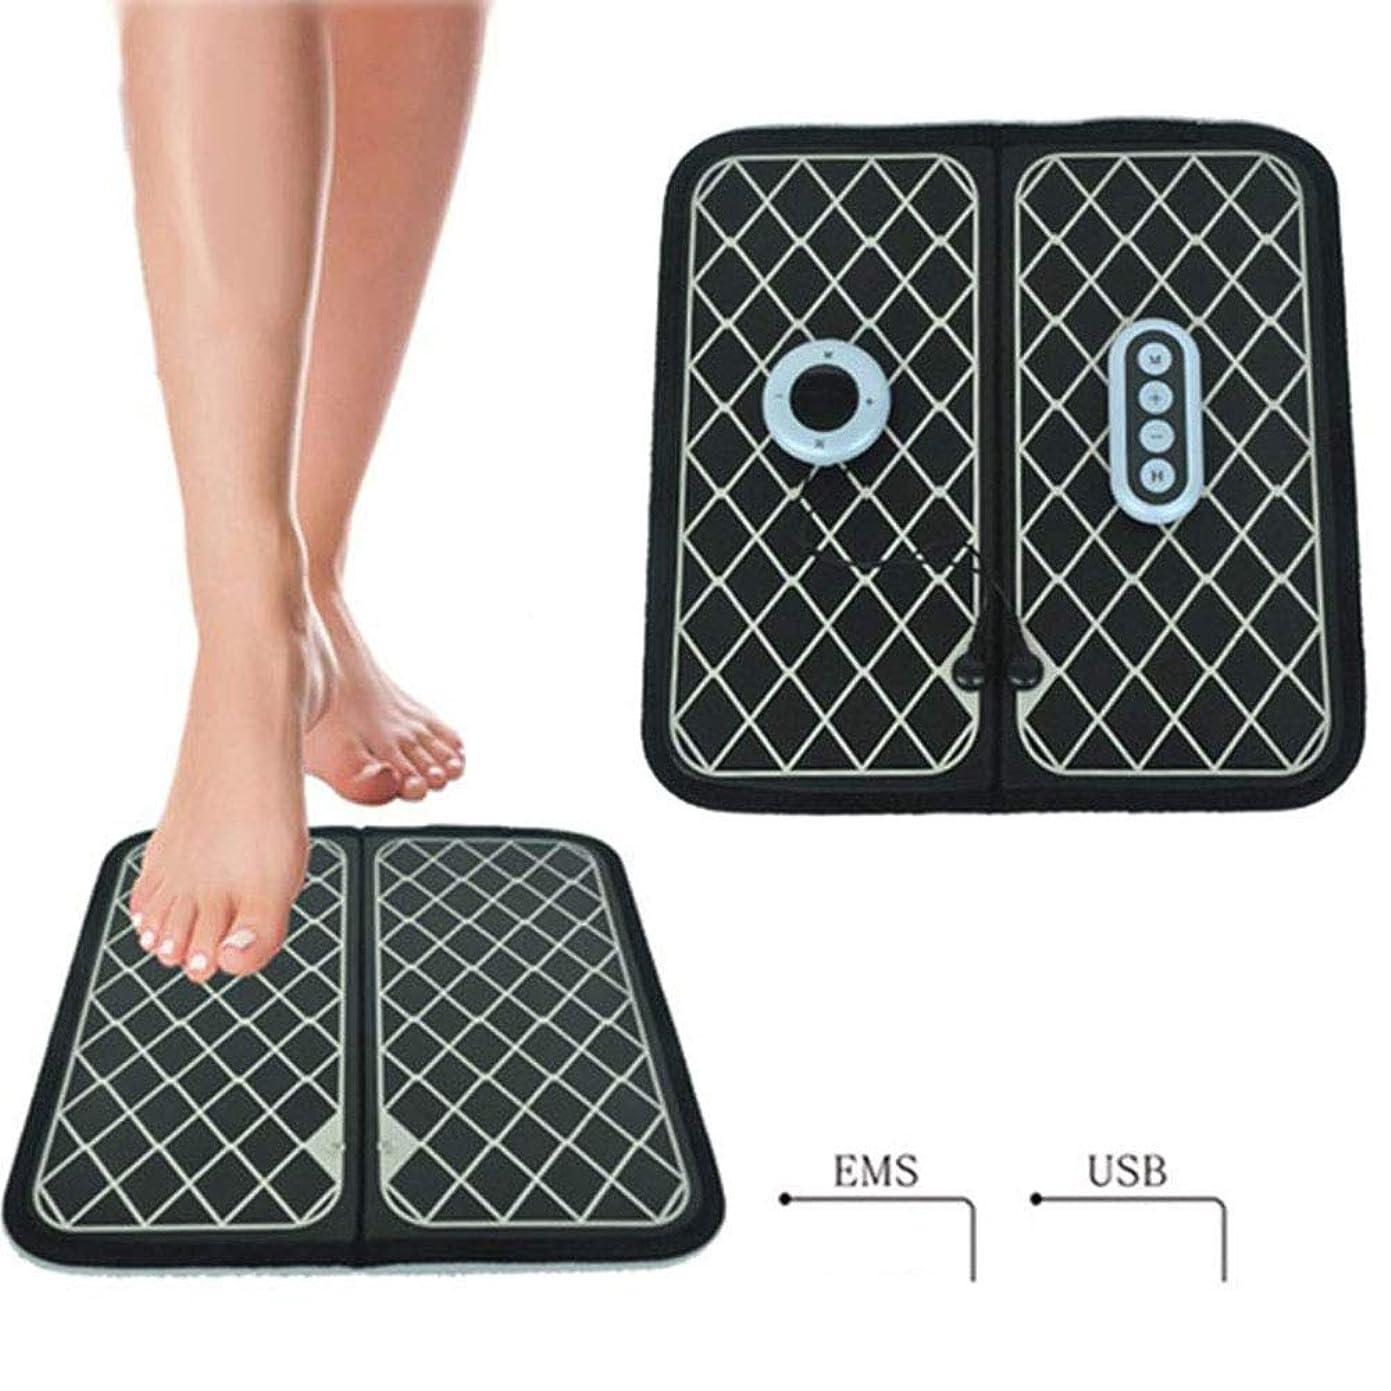 狂人嘆くジュニアフットマッサージャーEMSフットサイクルUSBマッサージャー充電式電磁筋肉刺激により、痛みを軽減し、血液循環を改善し、足の疲労を軽減します